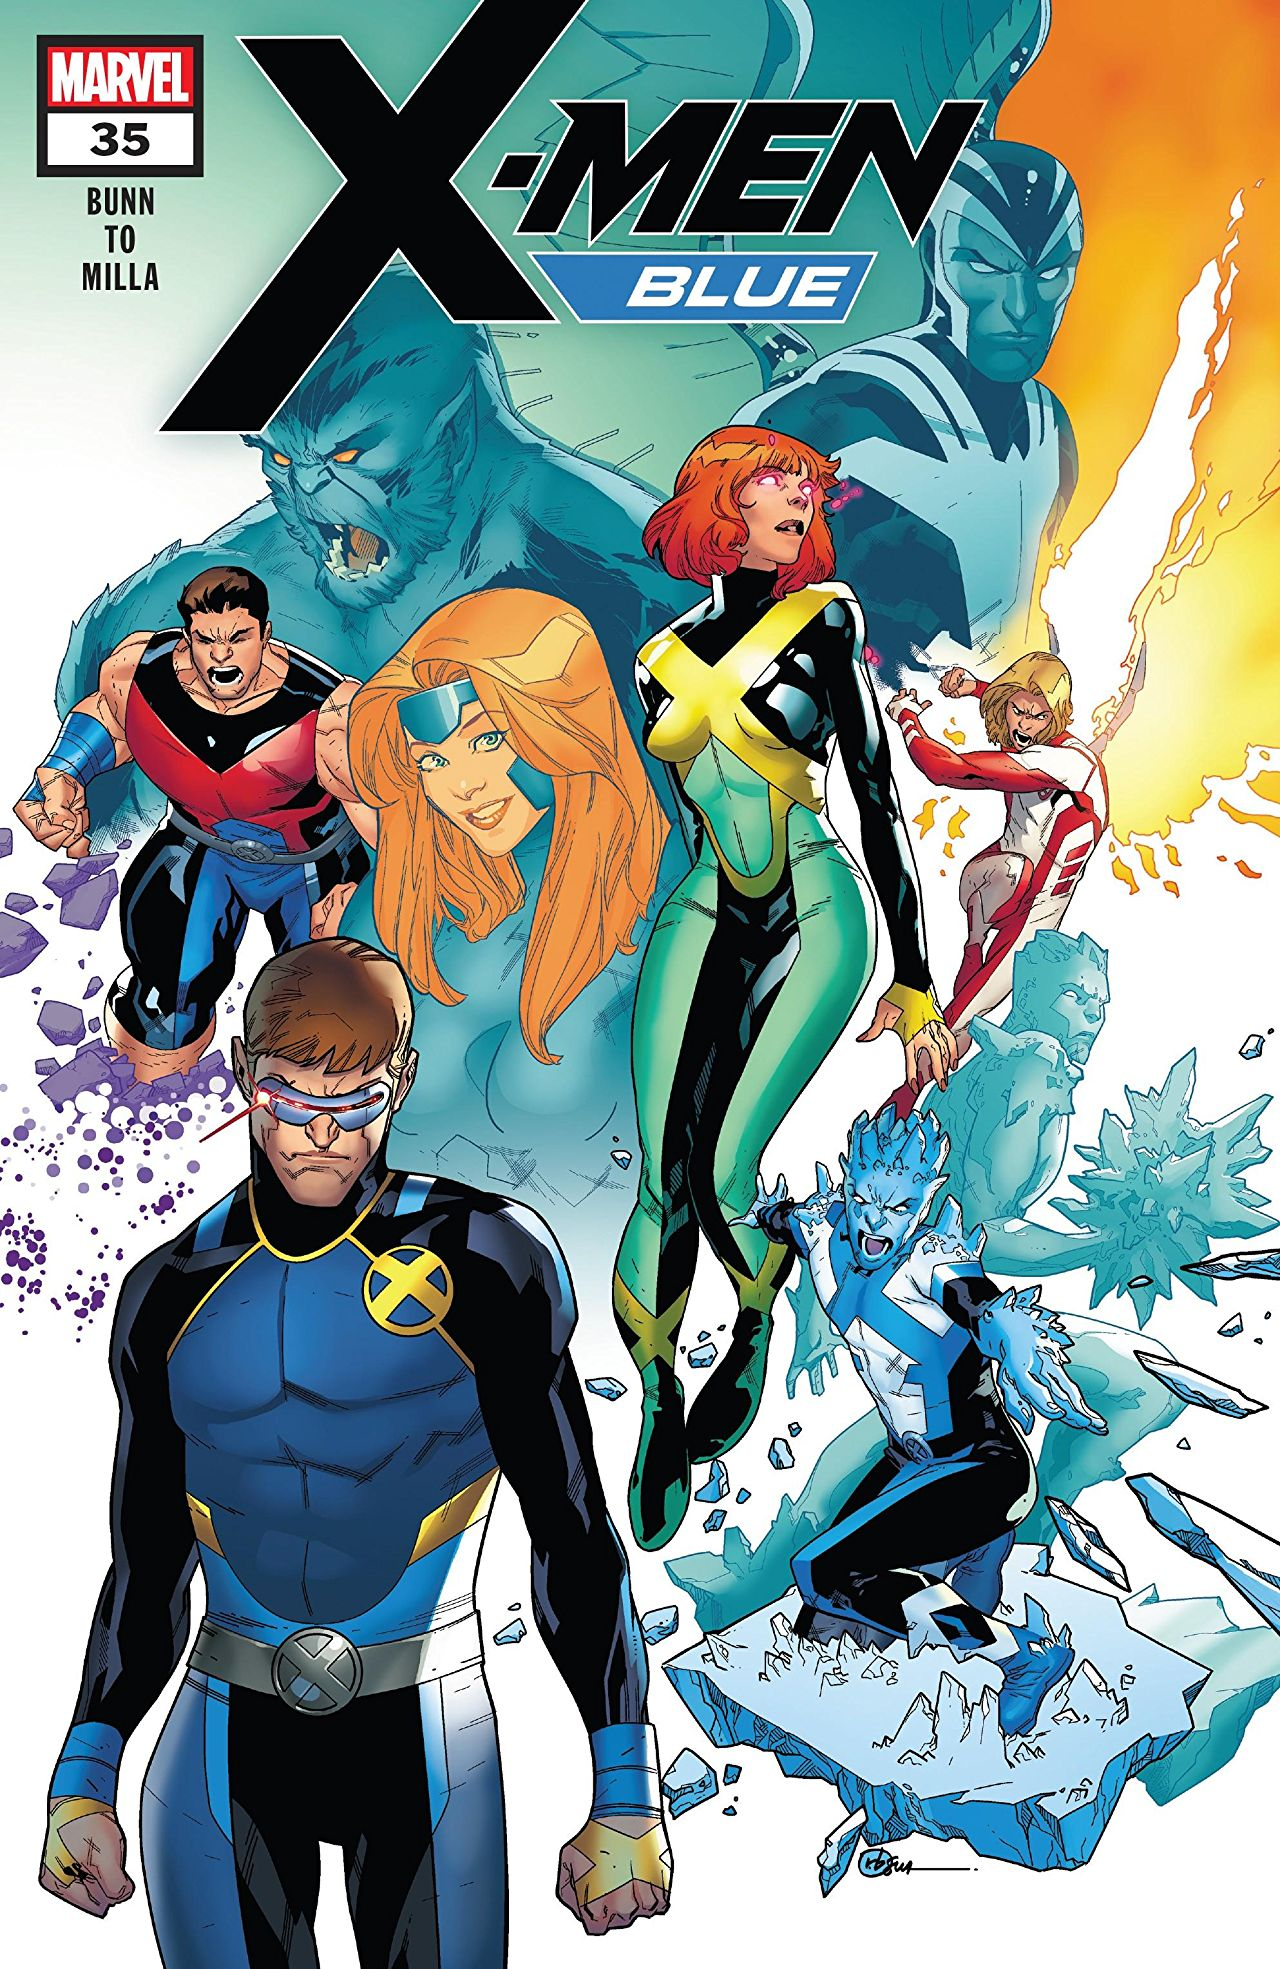 X-Men Blue #35 review